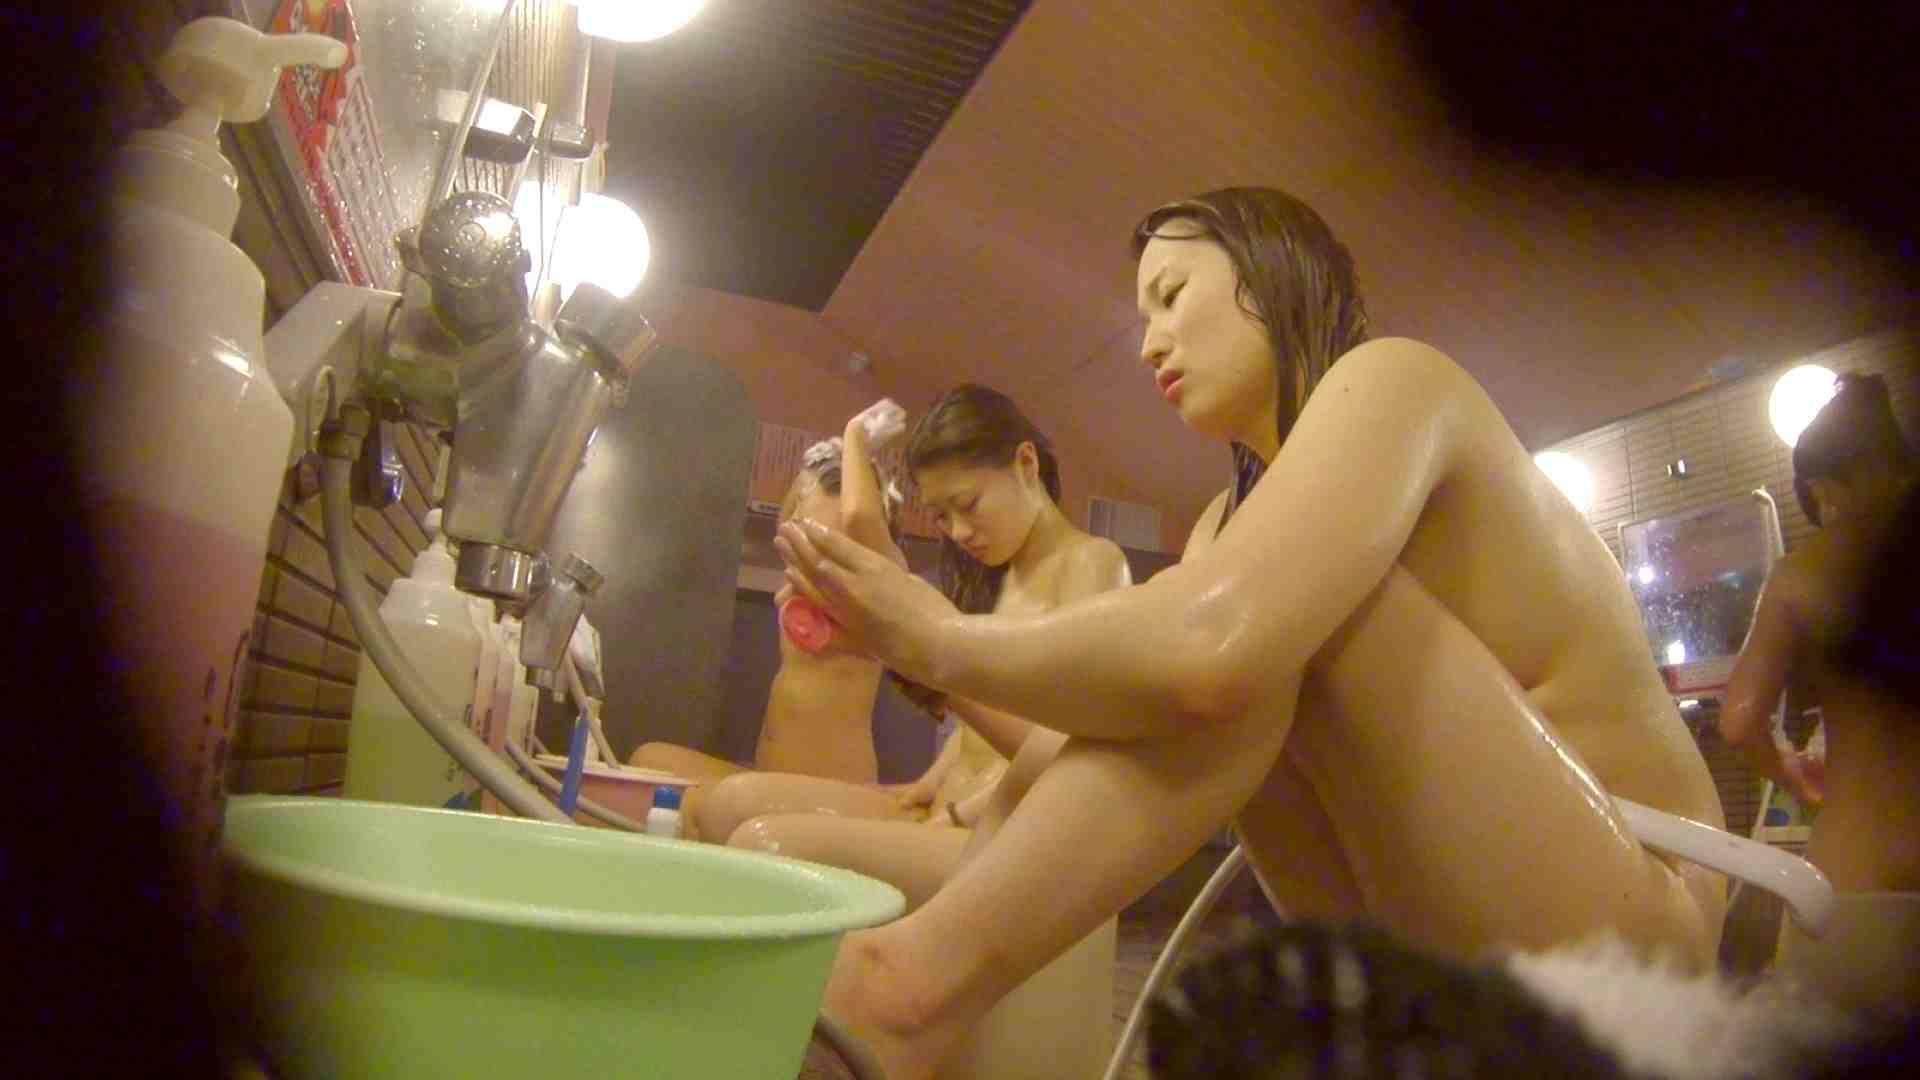 追い撮り!脱衣所から仲良し3人組を追跡。みんなイイ体・・。 脱衣所 セックス画像 63画像 43